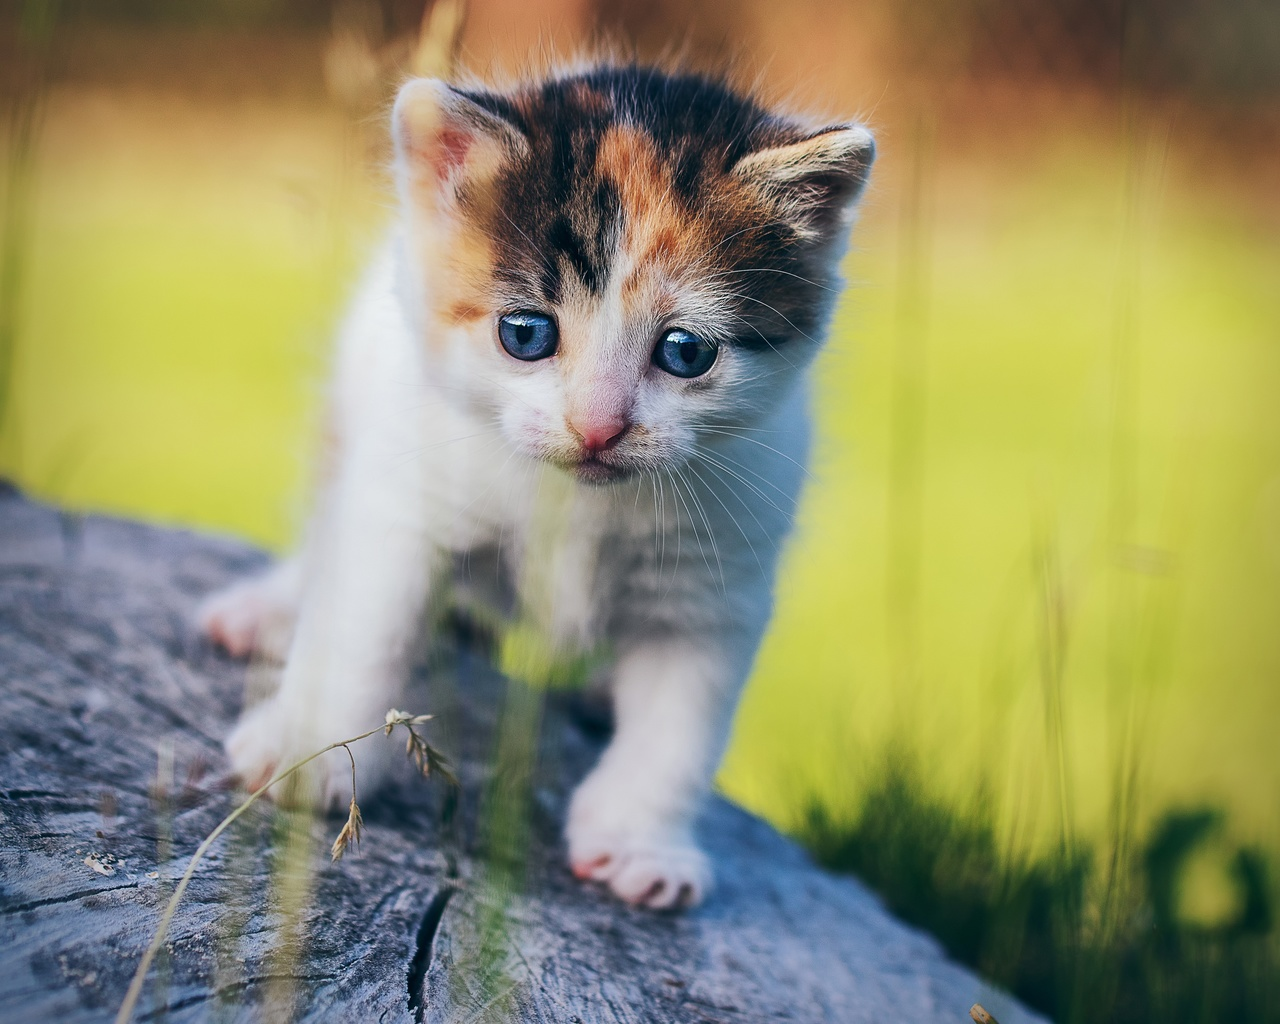 животное, котёнок, детёныш, малыш, природа, пень, трава